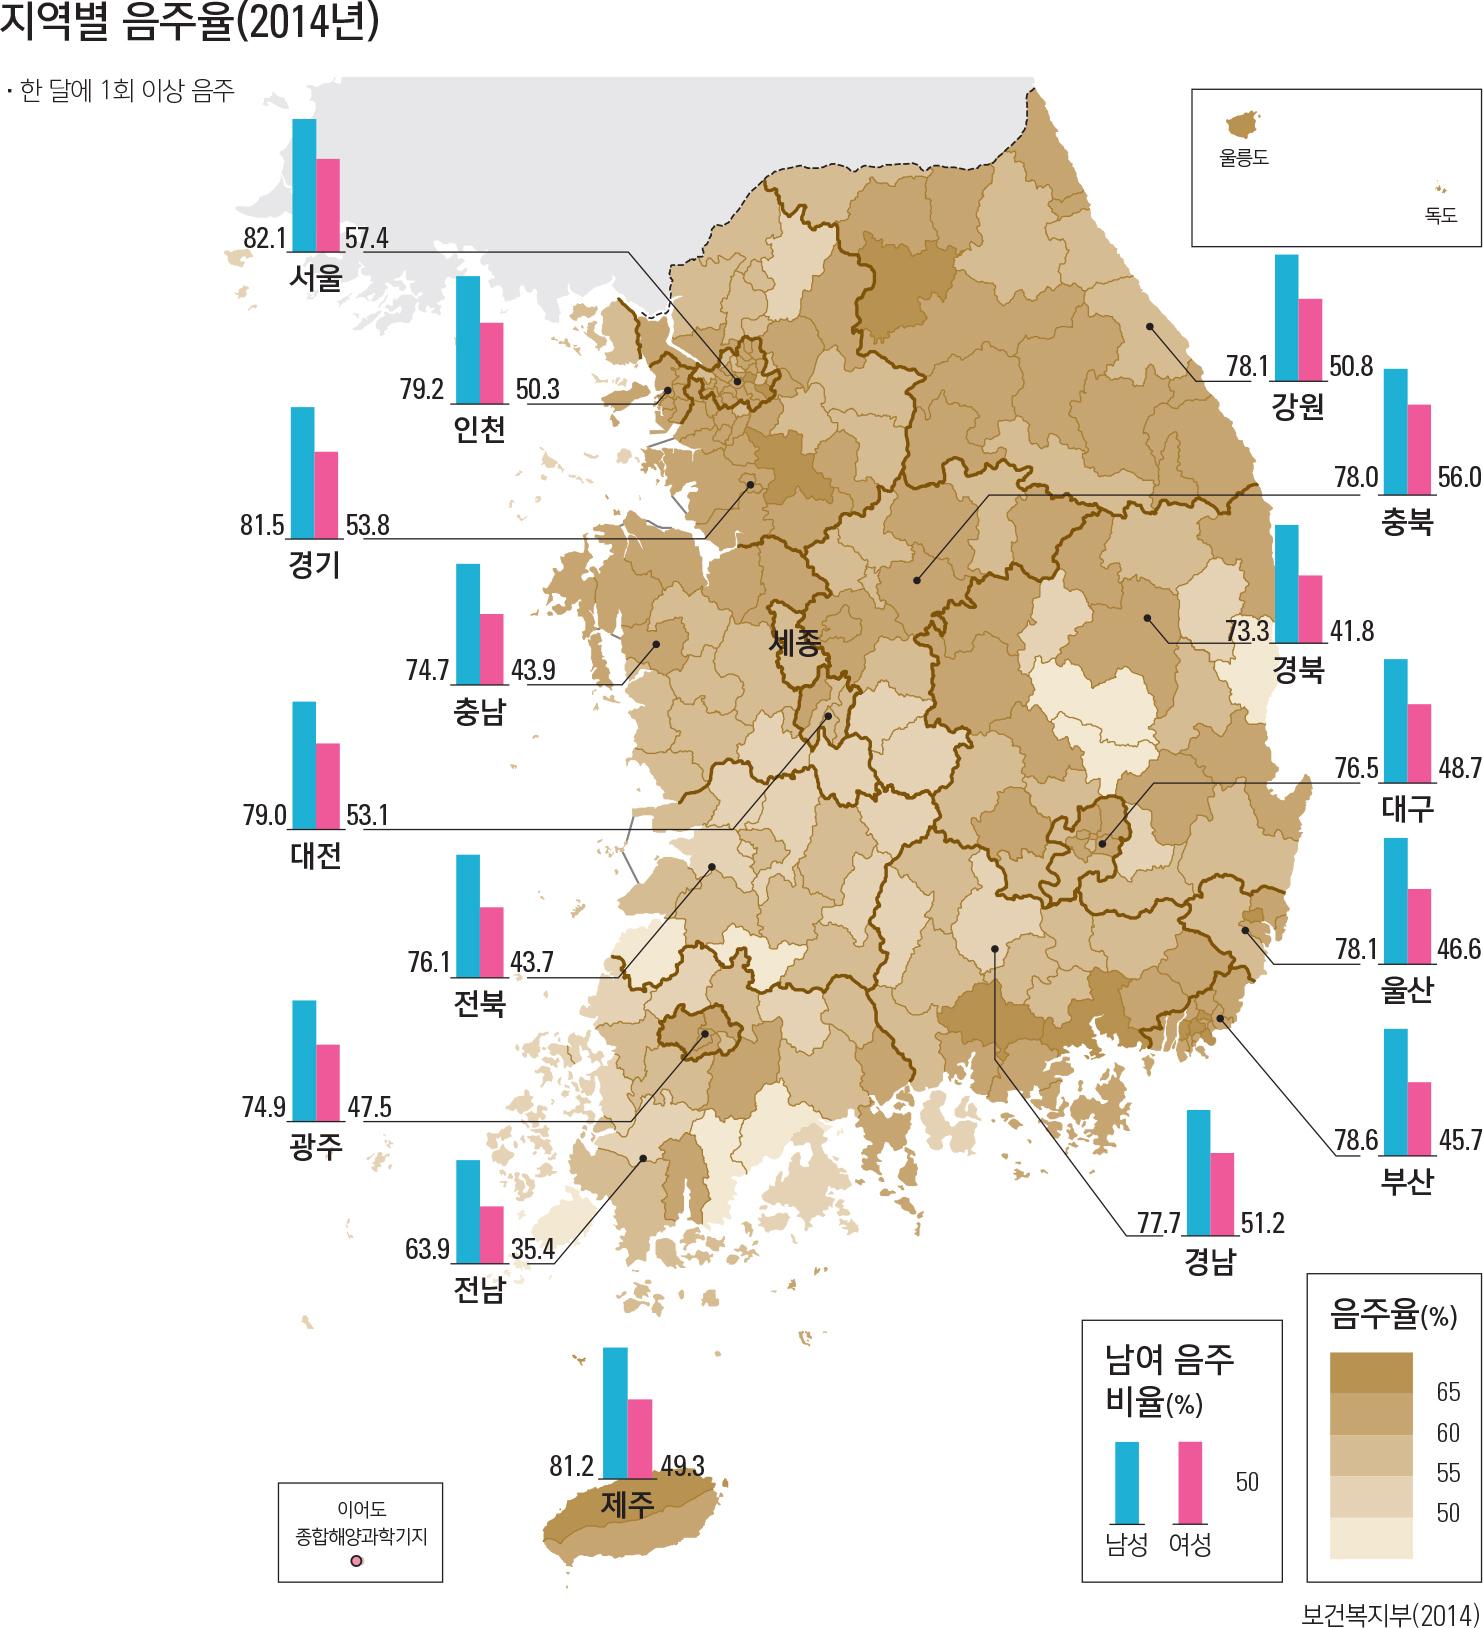 지역별 음주율(2014년)